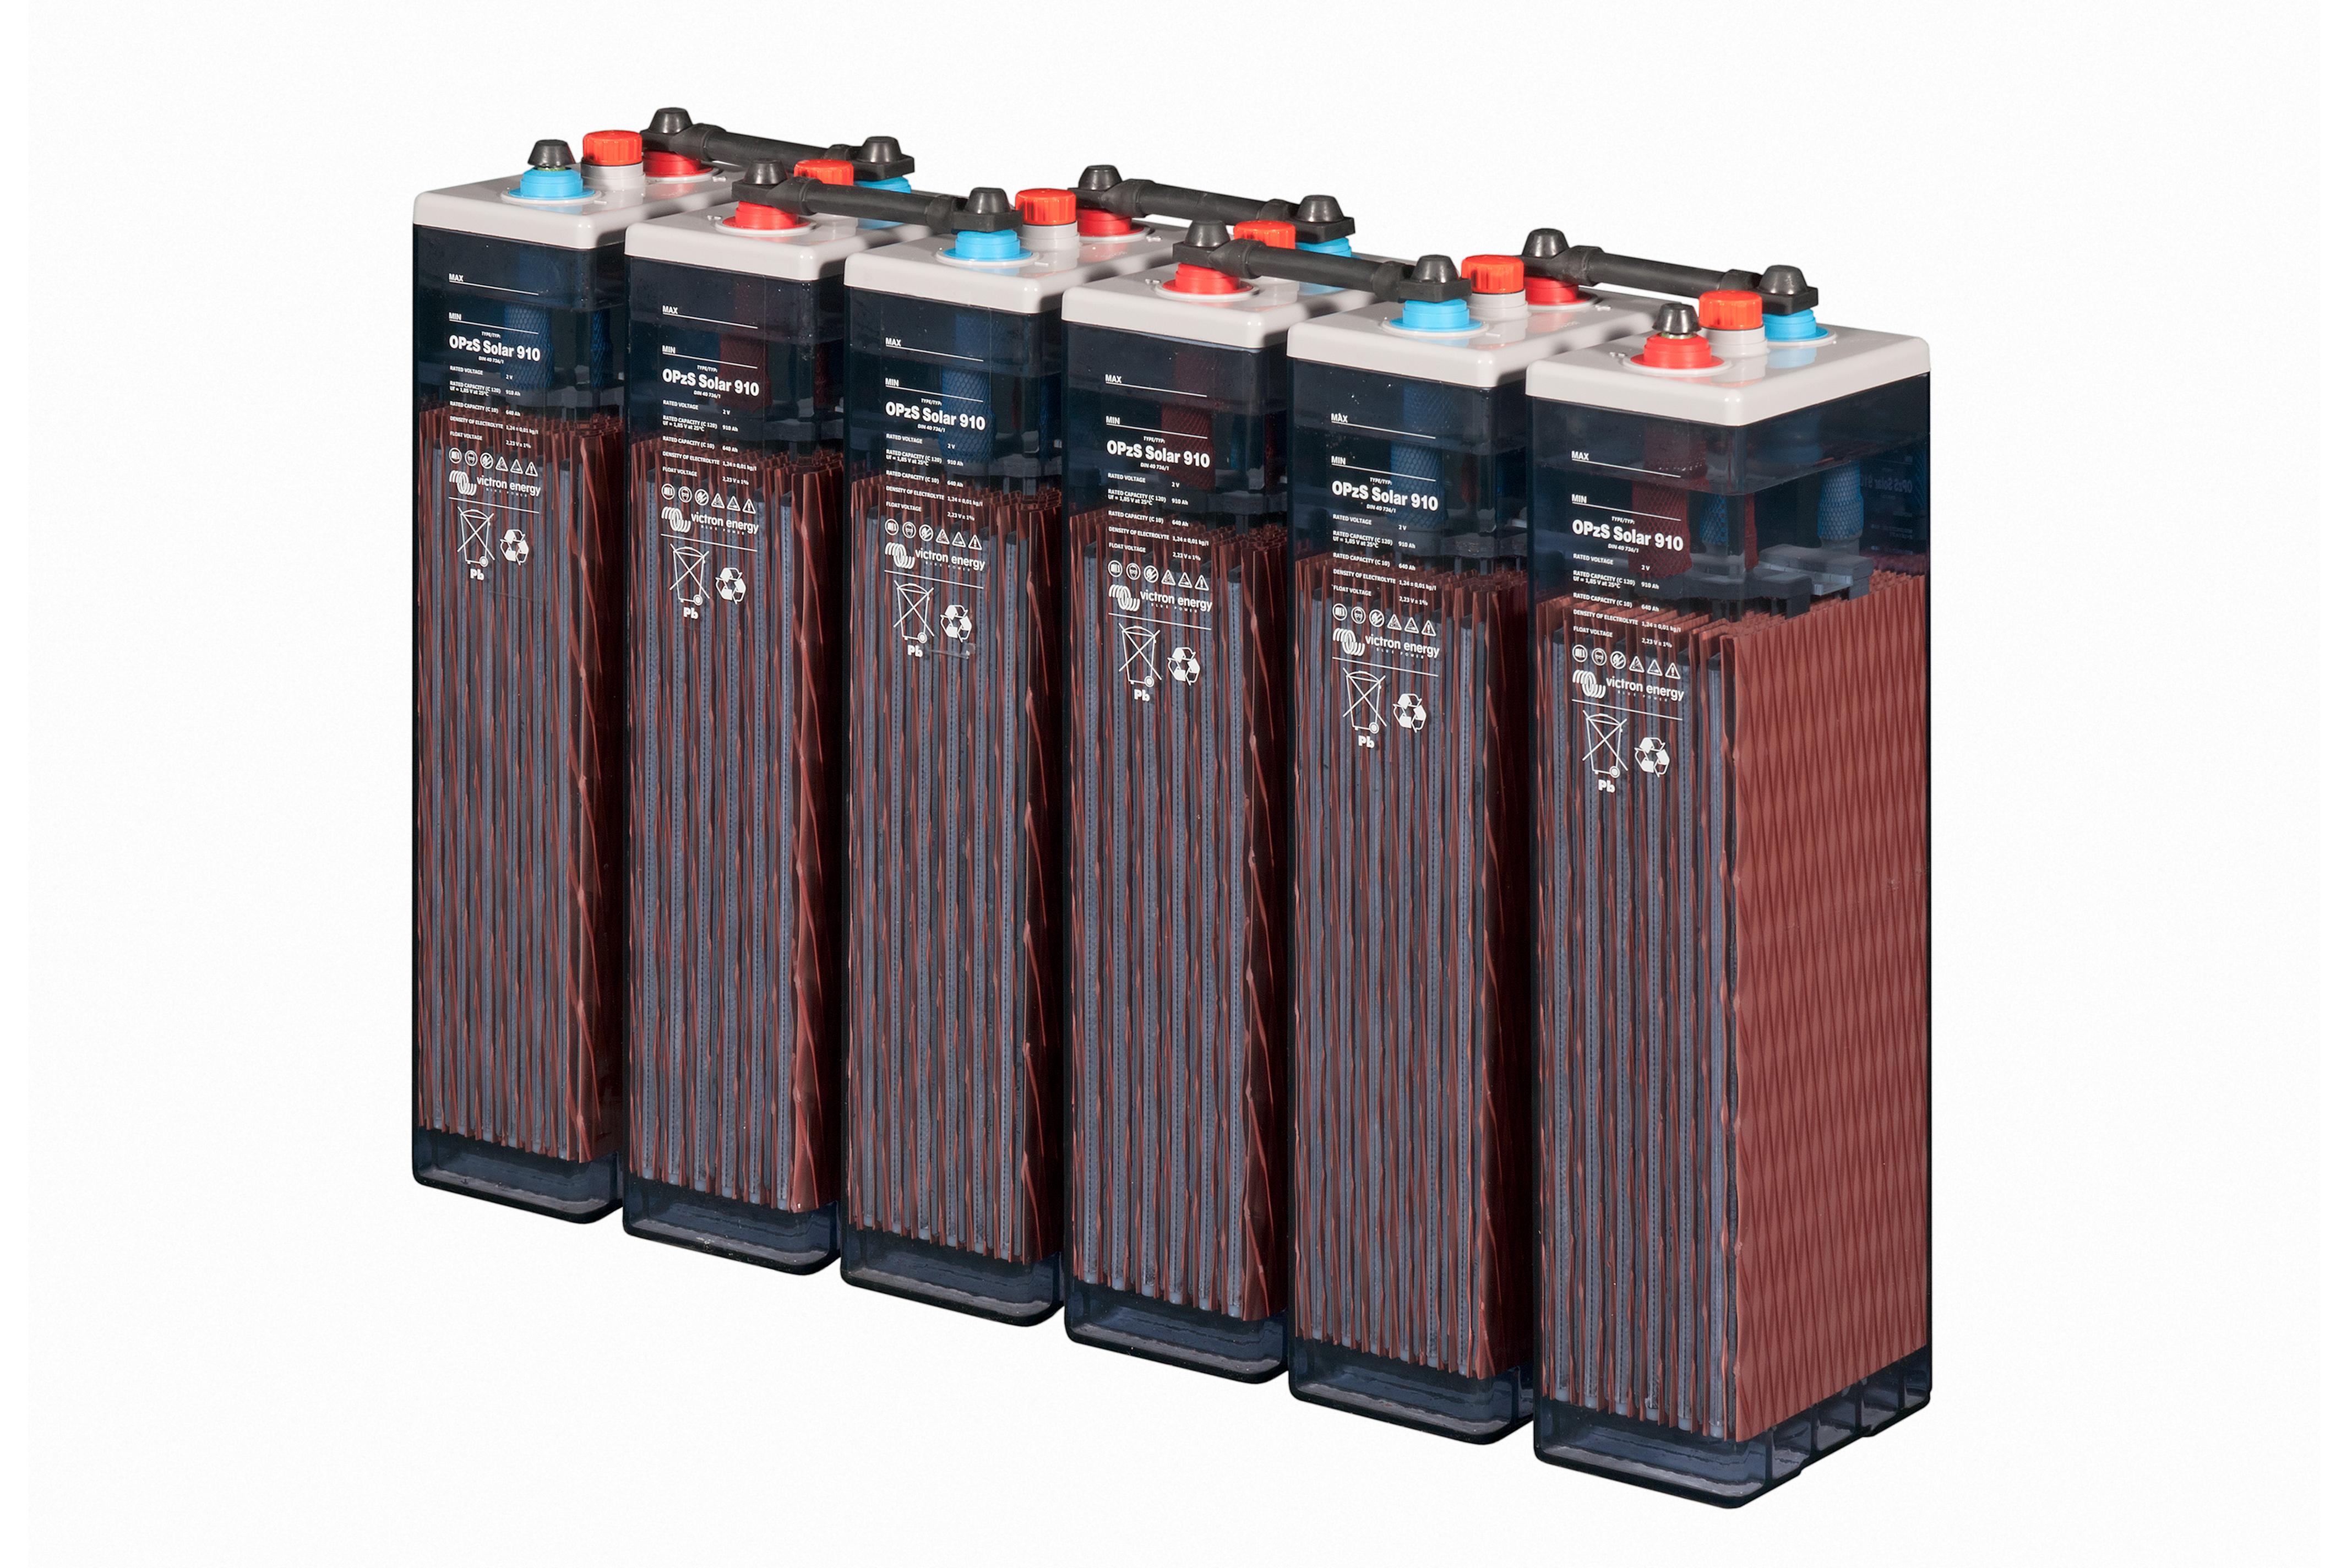 Baterias Solar Opzs Gel Agm 2v 6v 12v Precios Baterias